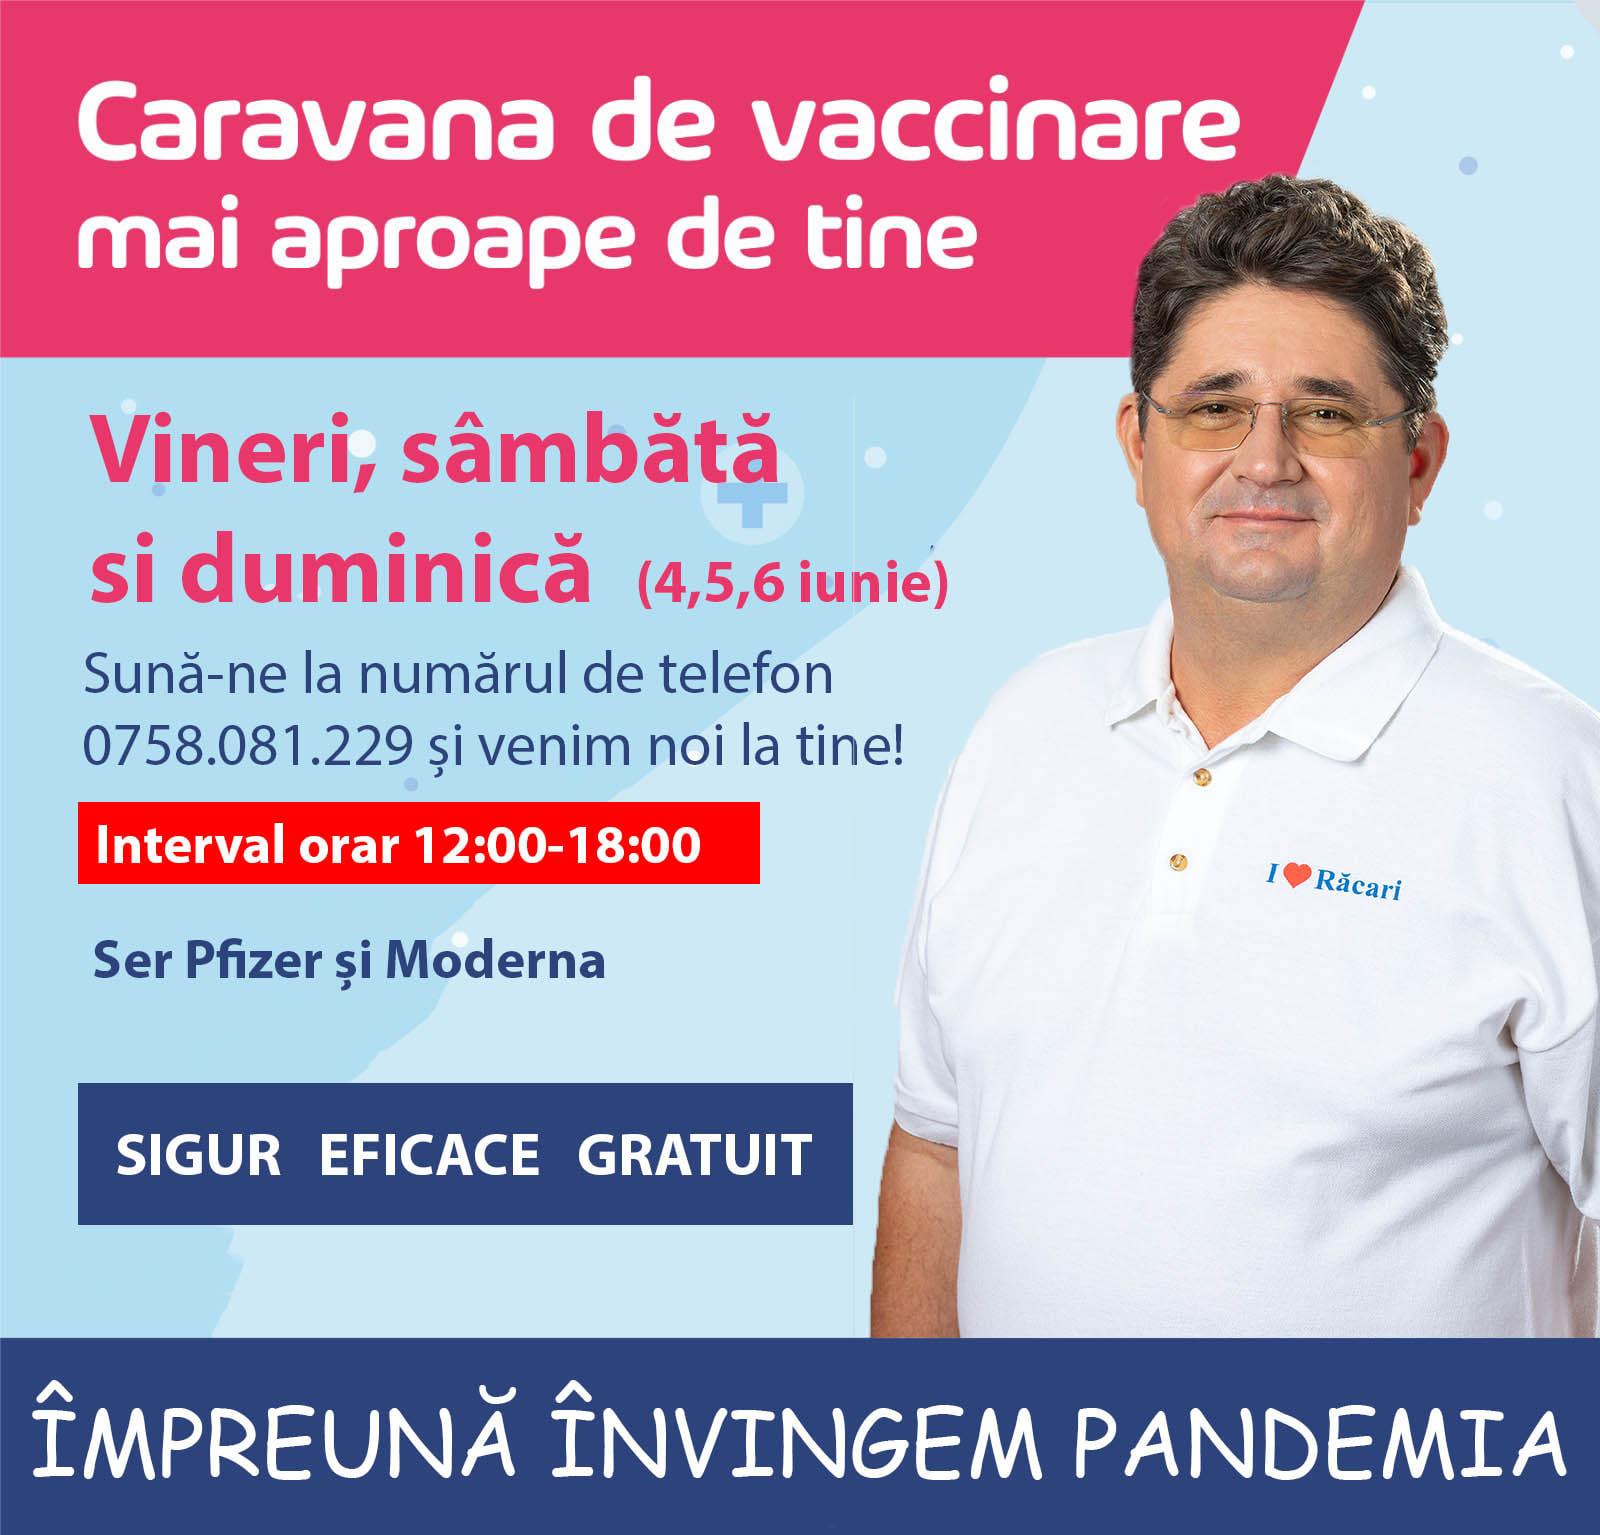 Răcari – Caravana de vaccinare vine la tine